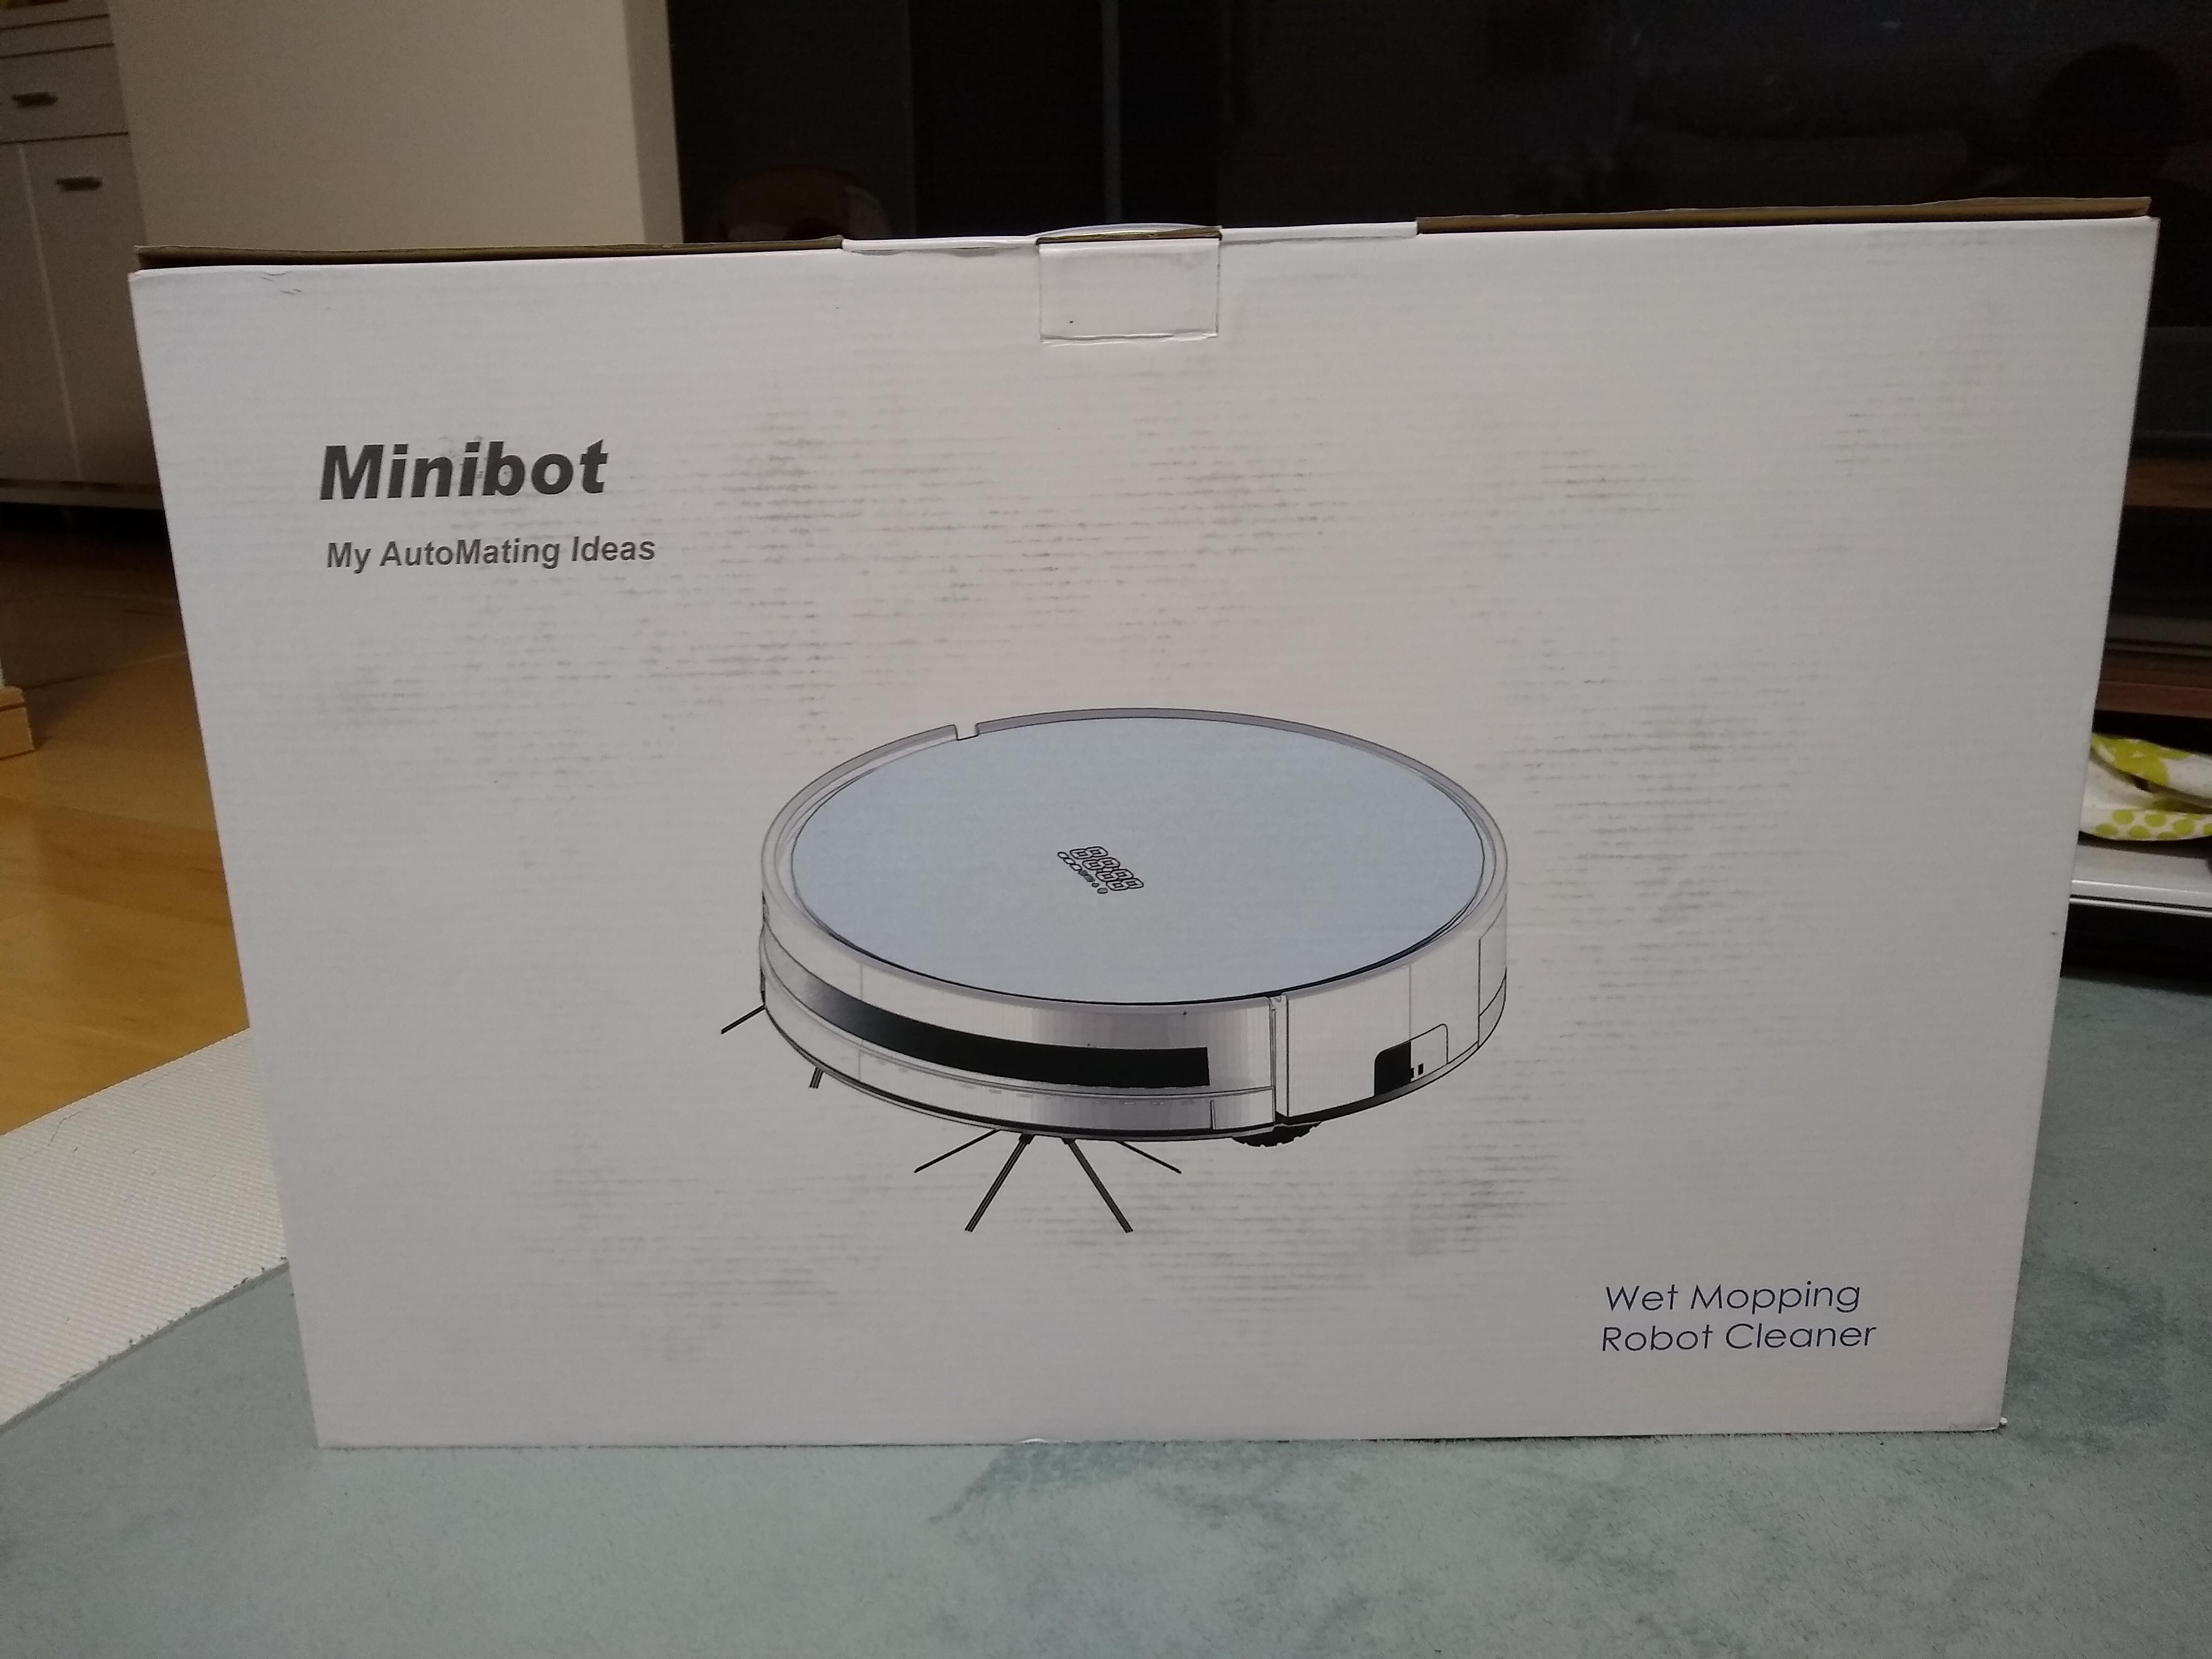 おすすめ掃除ロボット「Minibot」レビュー。コスパ最強かつgoogle homeと連携もできる!